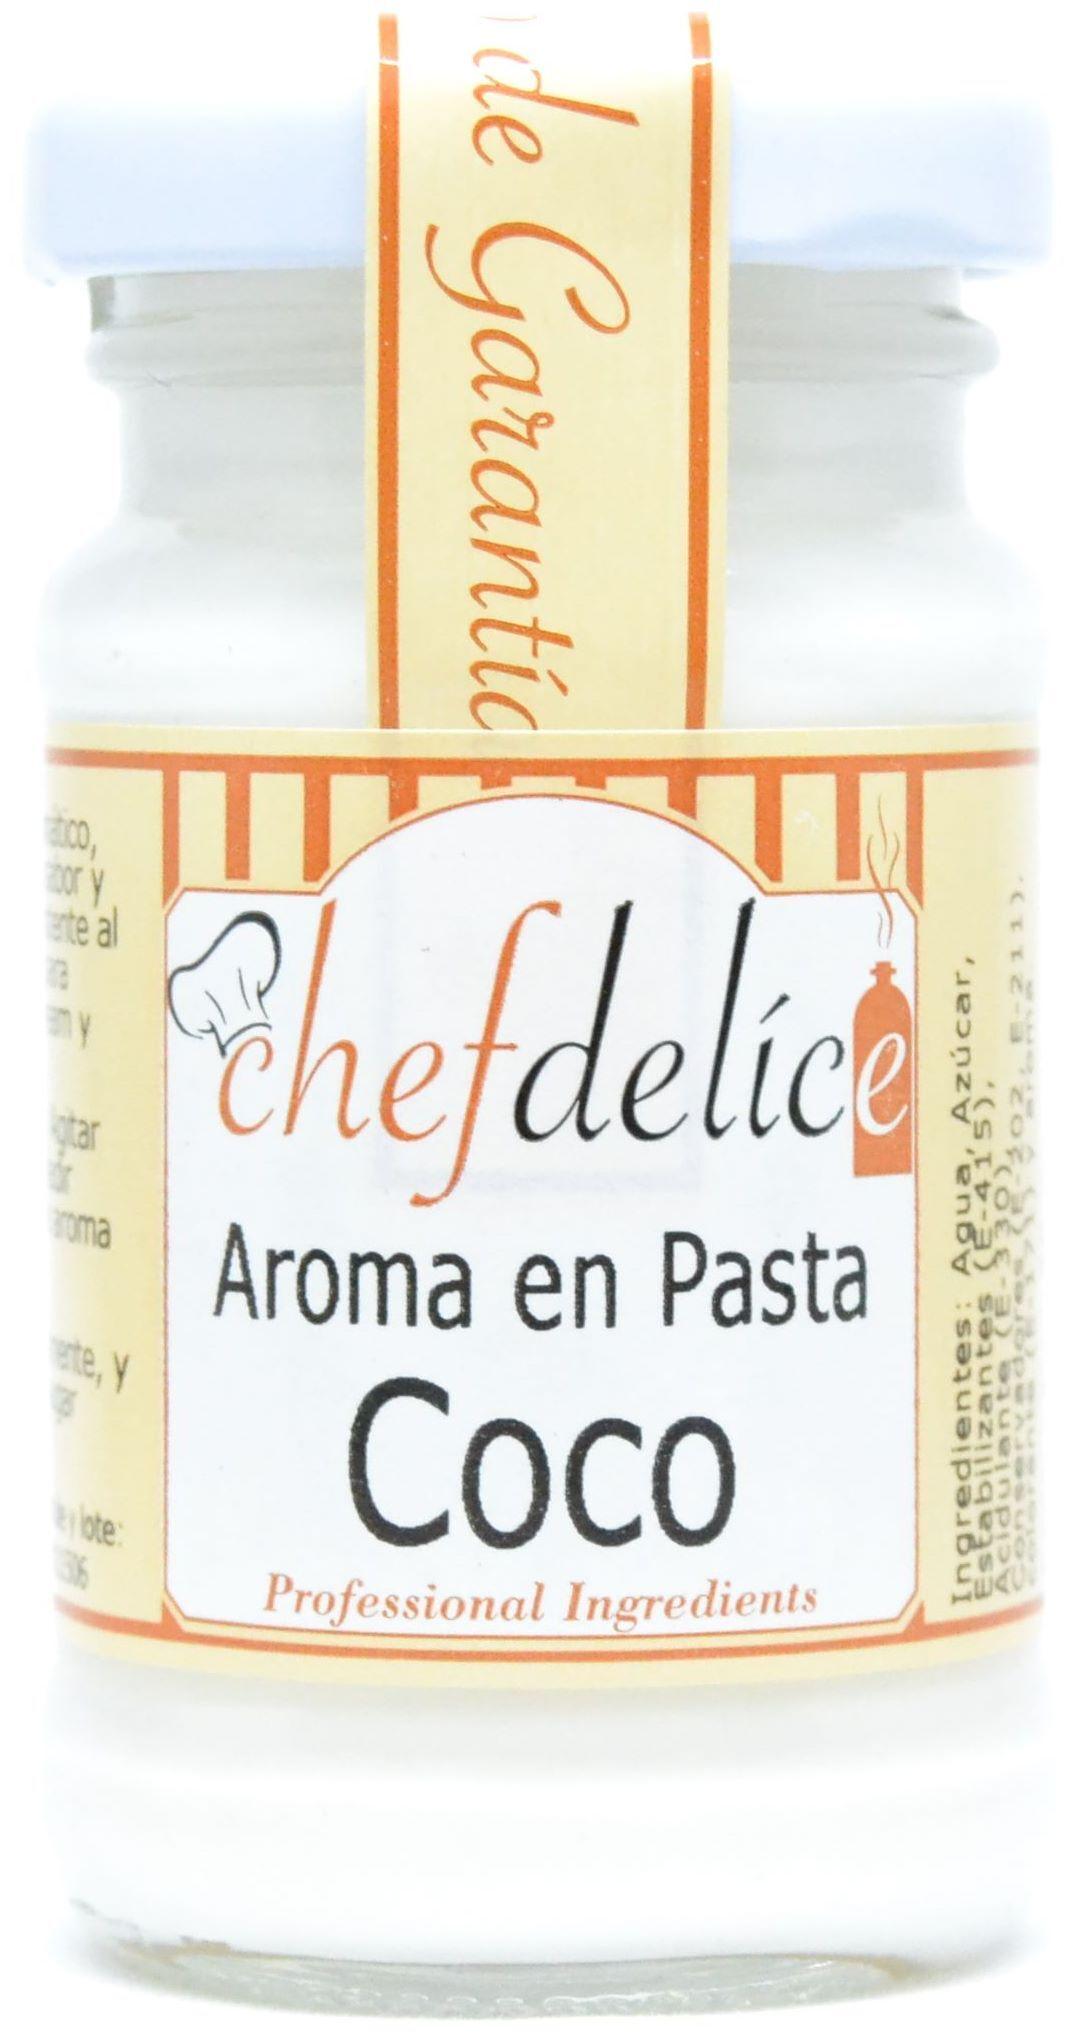 COCO AROMA EN PASTA EMUL. 50 G CHEFDELICE en Biovegalia